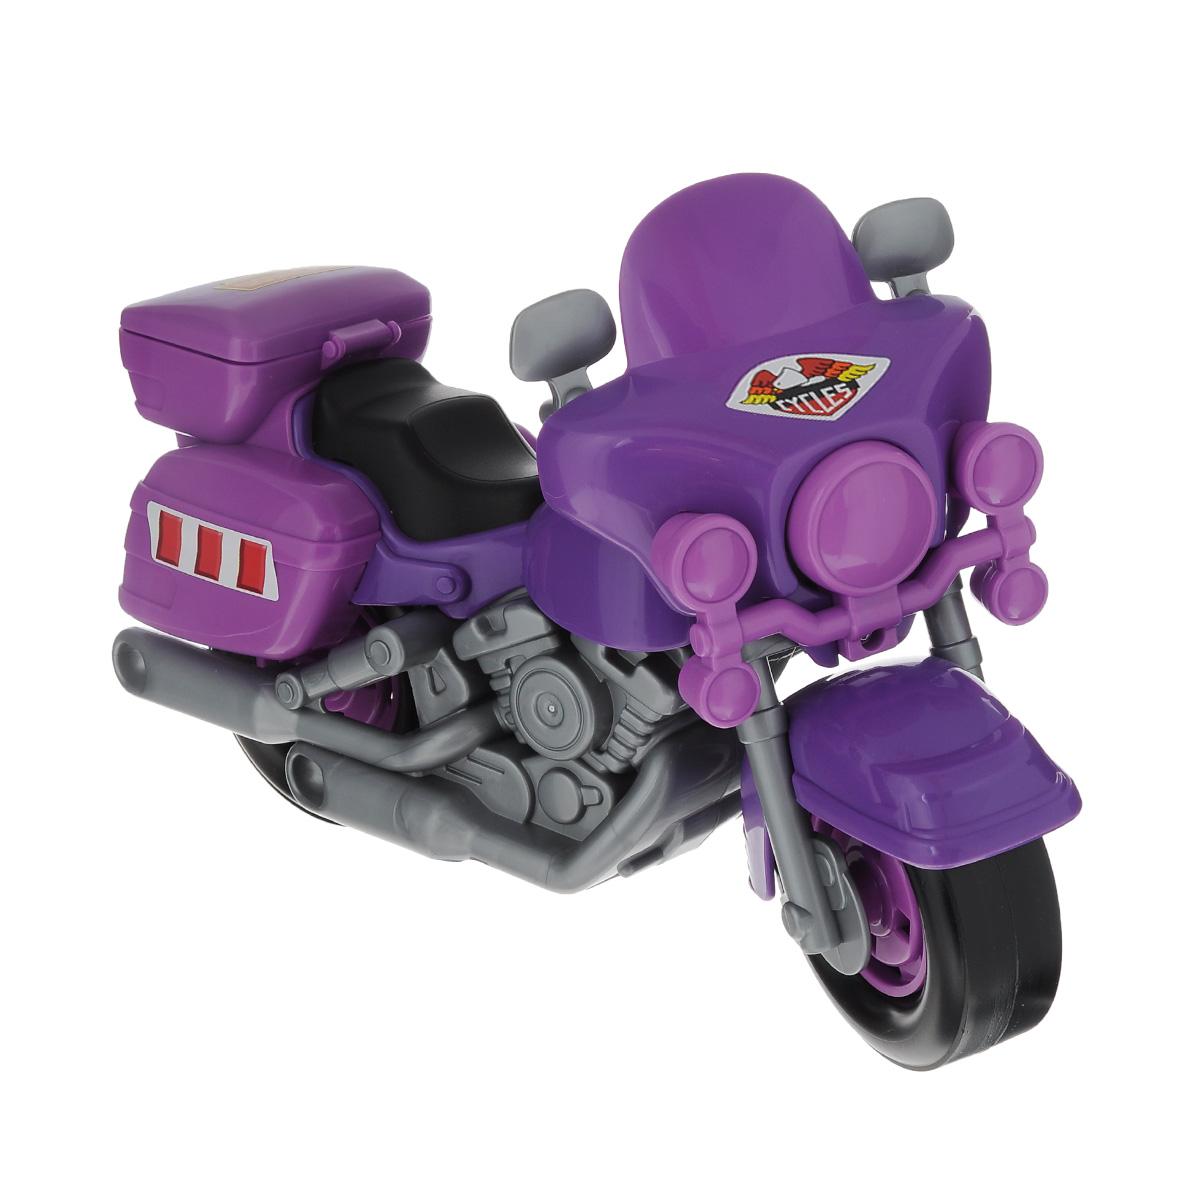 """Яркая игрушка """"Полицейский мотоцикл """"Харлей"""" привлечет внимание вашего малыша и не позволит ему скучать, ведь так интересно и захватывающе покатать свой спортивный мотоцикл или устроить гонку за преступником. Колеса мотоцикла крутятся, а руль может поворачиваться. Крышка багажника откидывается. Порадуйте своего непоседу такой замечательной игрушкой!"""